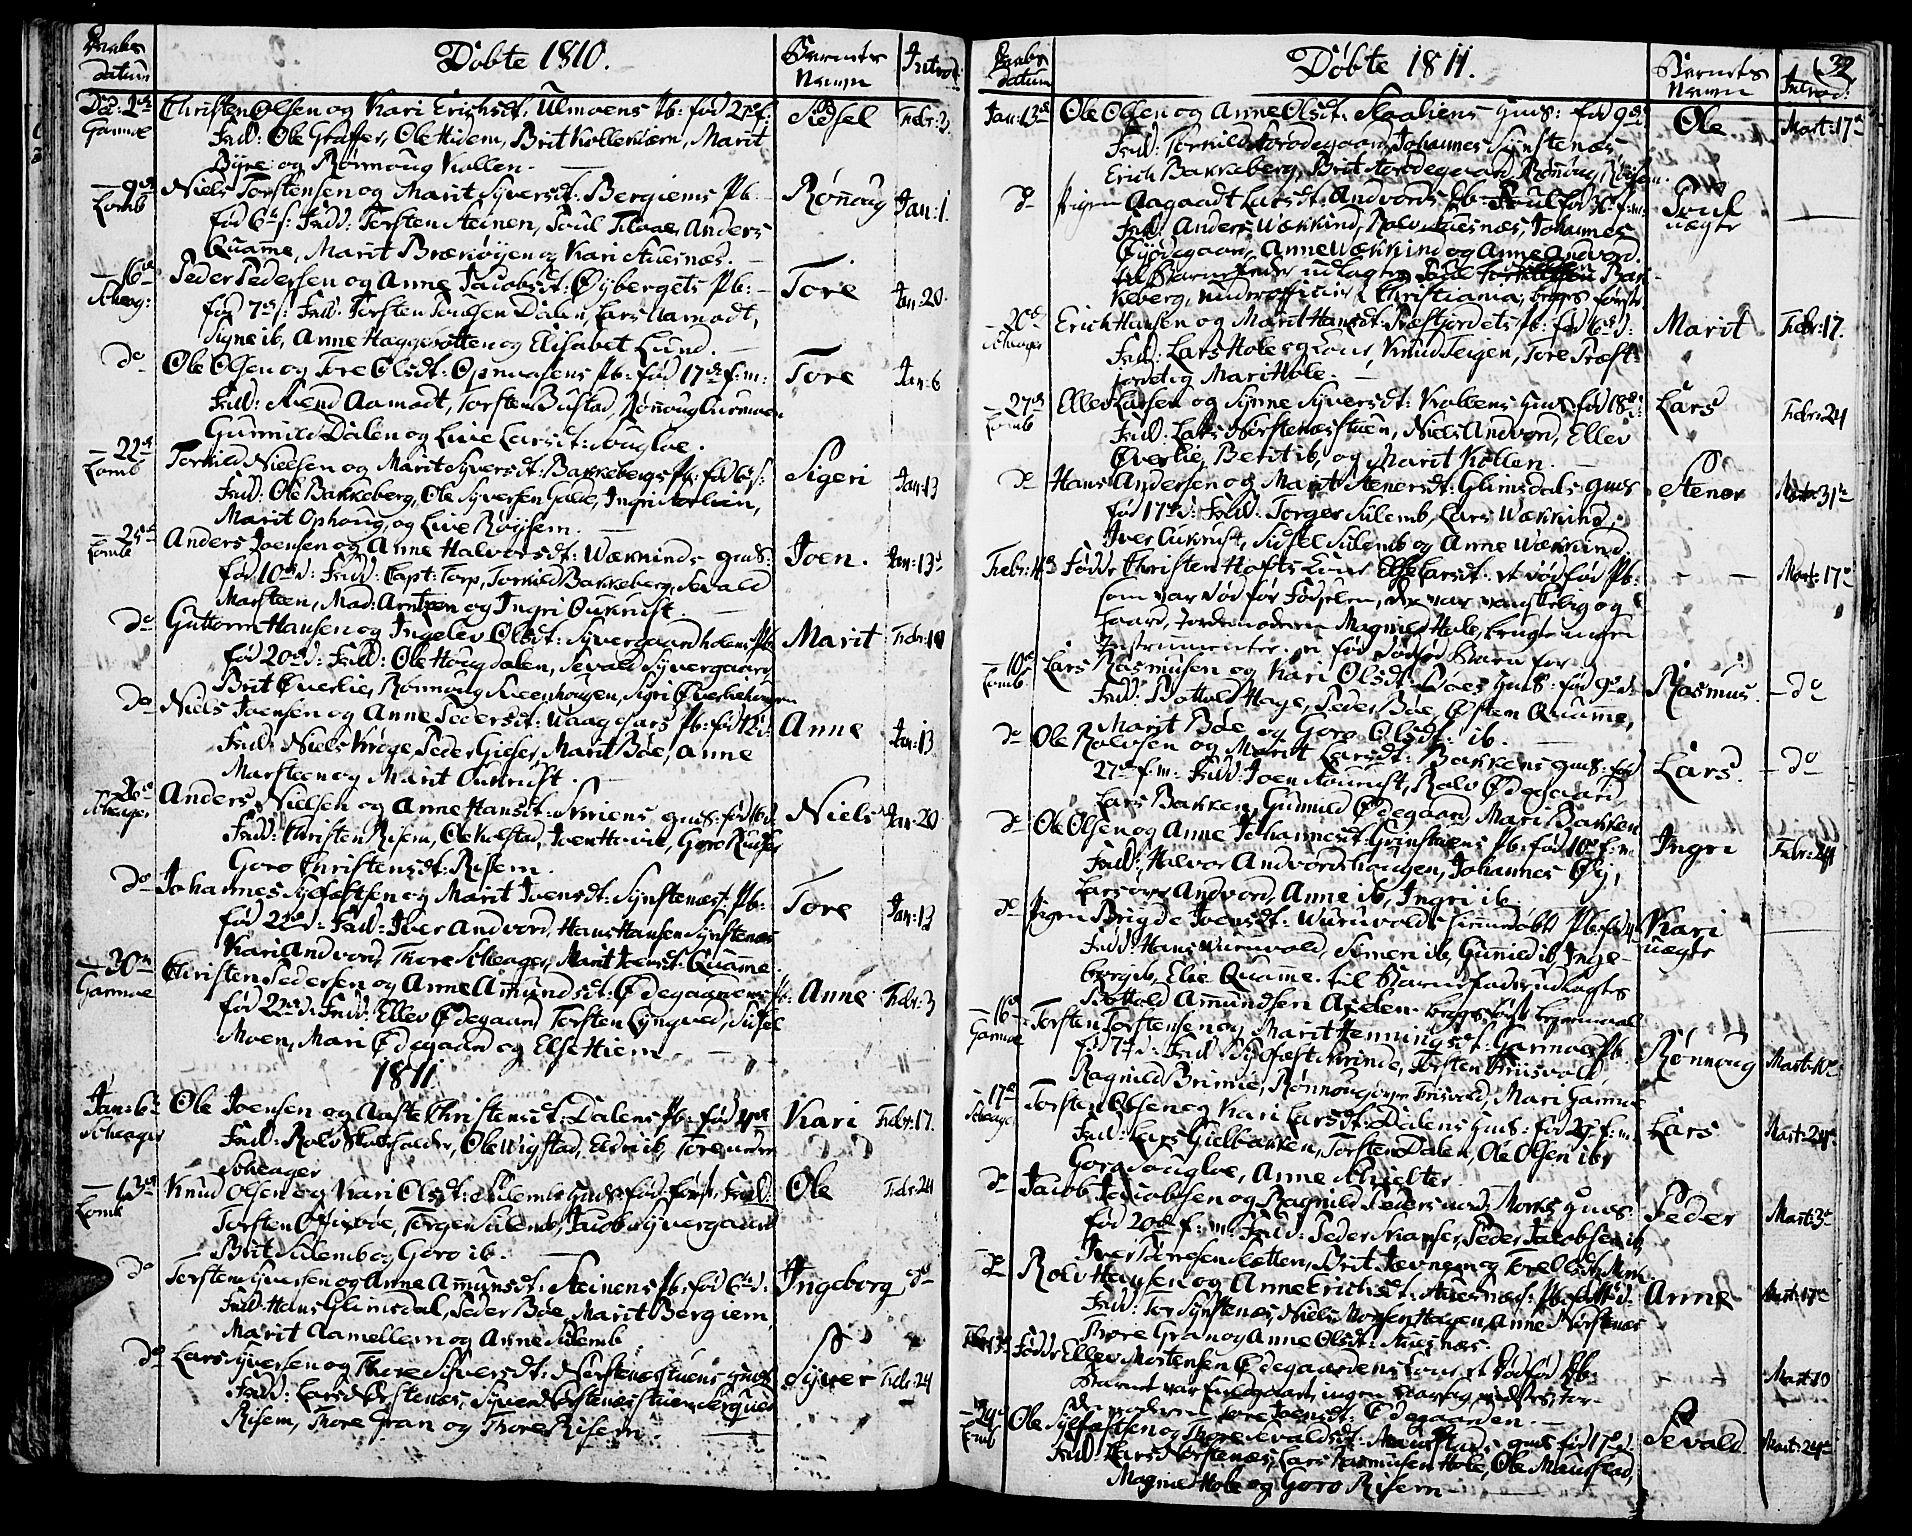 SAH, Lom prestekontor, K/L0003: Ministerialbok nr. 3, 1801-1825, s. 32